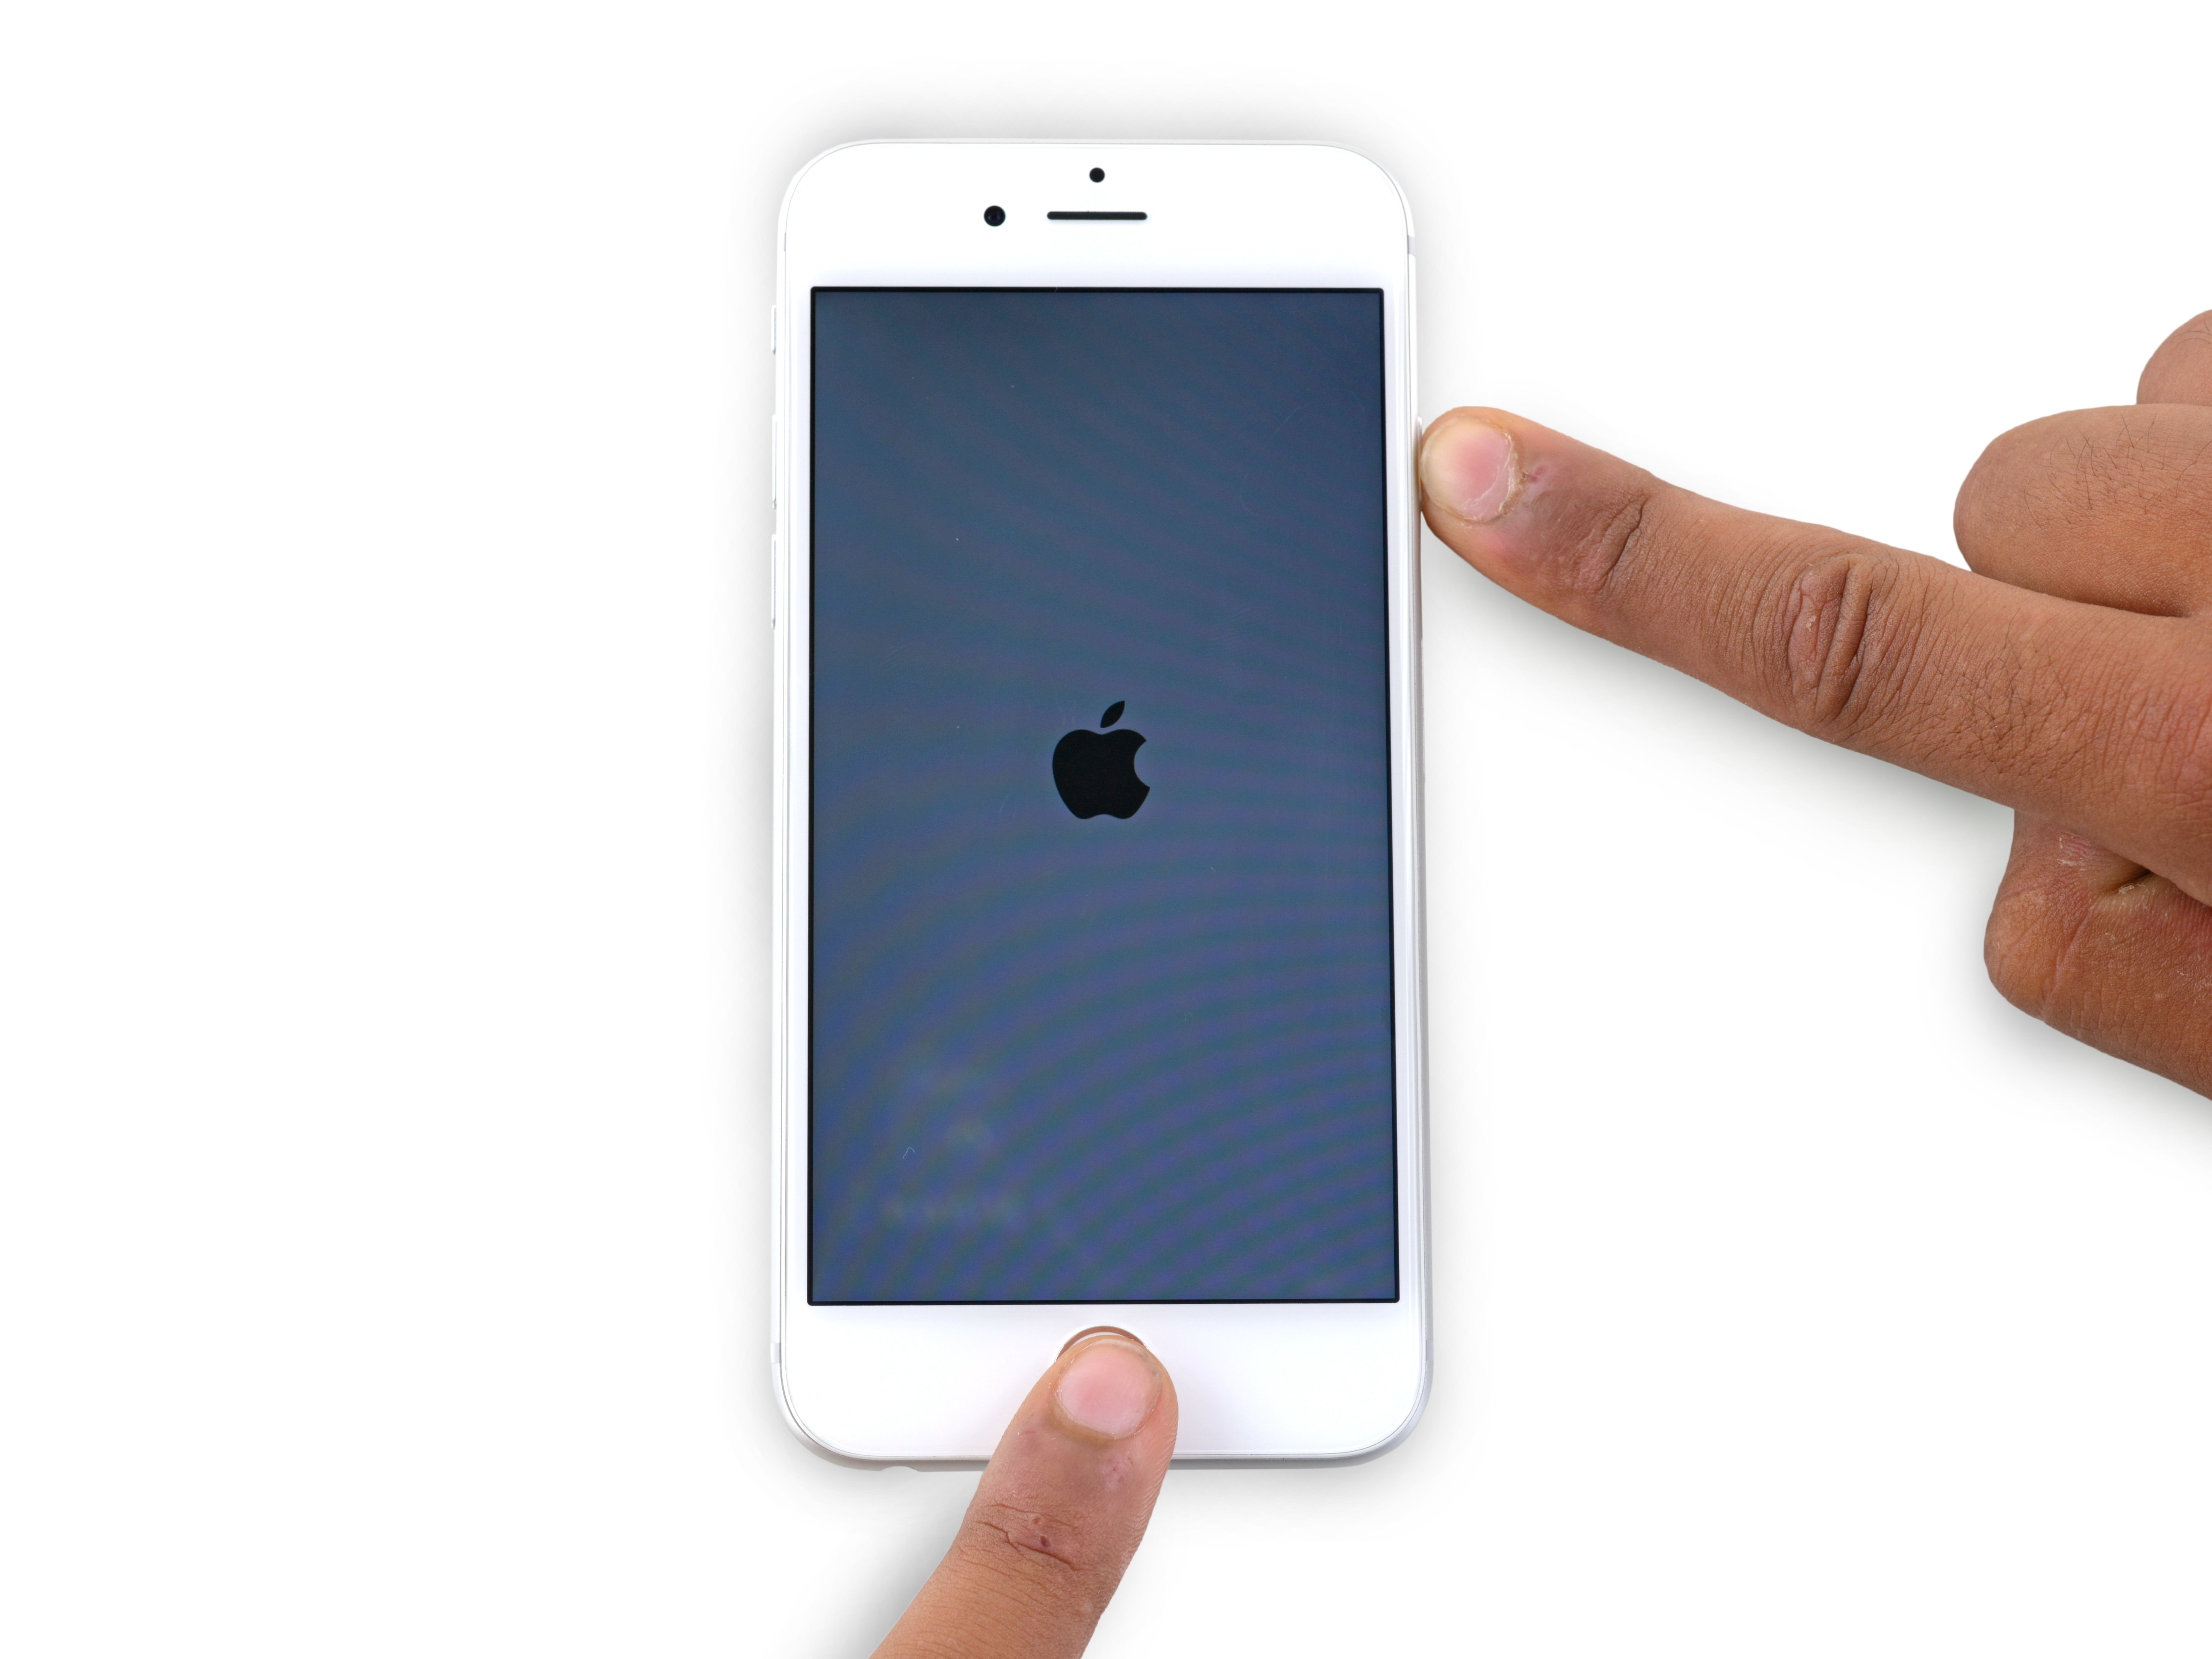 Wie man an einem iPhone 22s einen Hard-Reset durchführt - iFixit